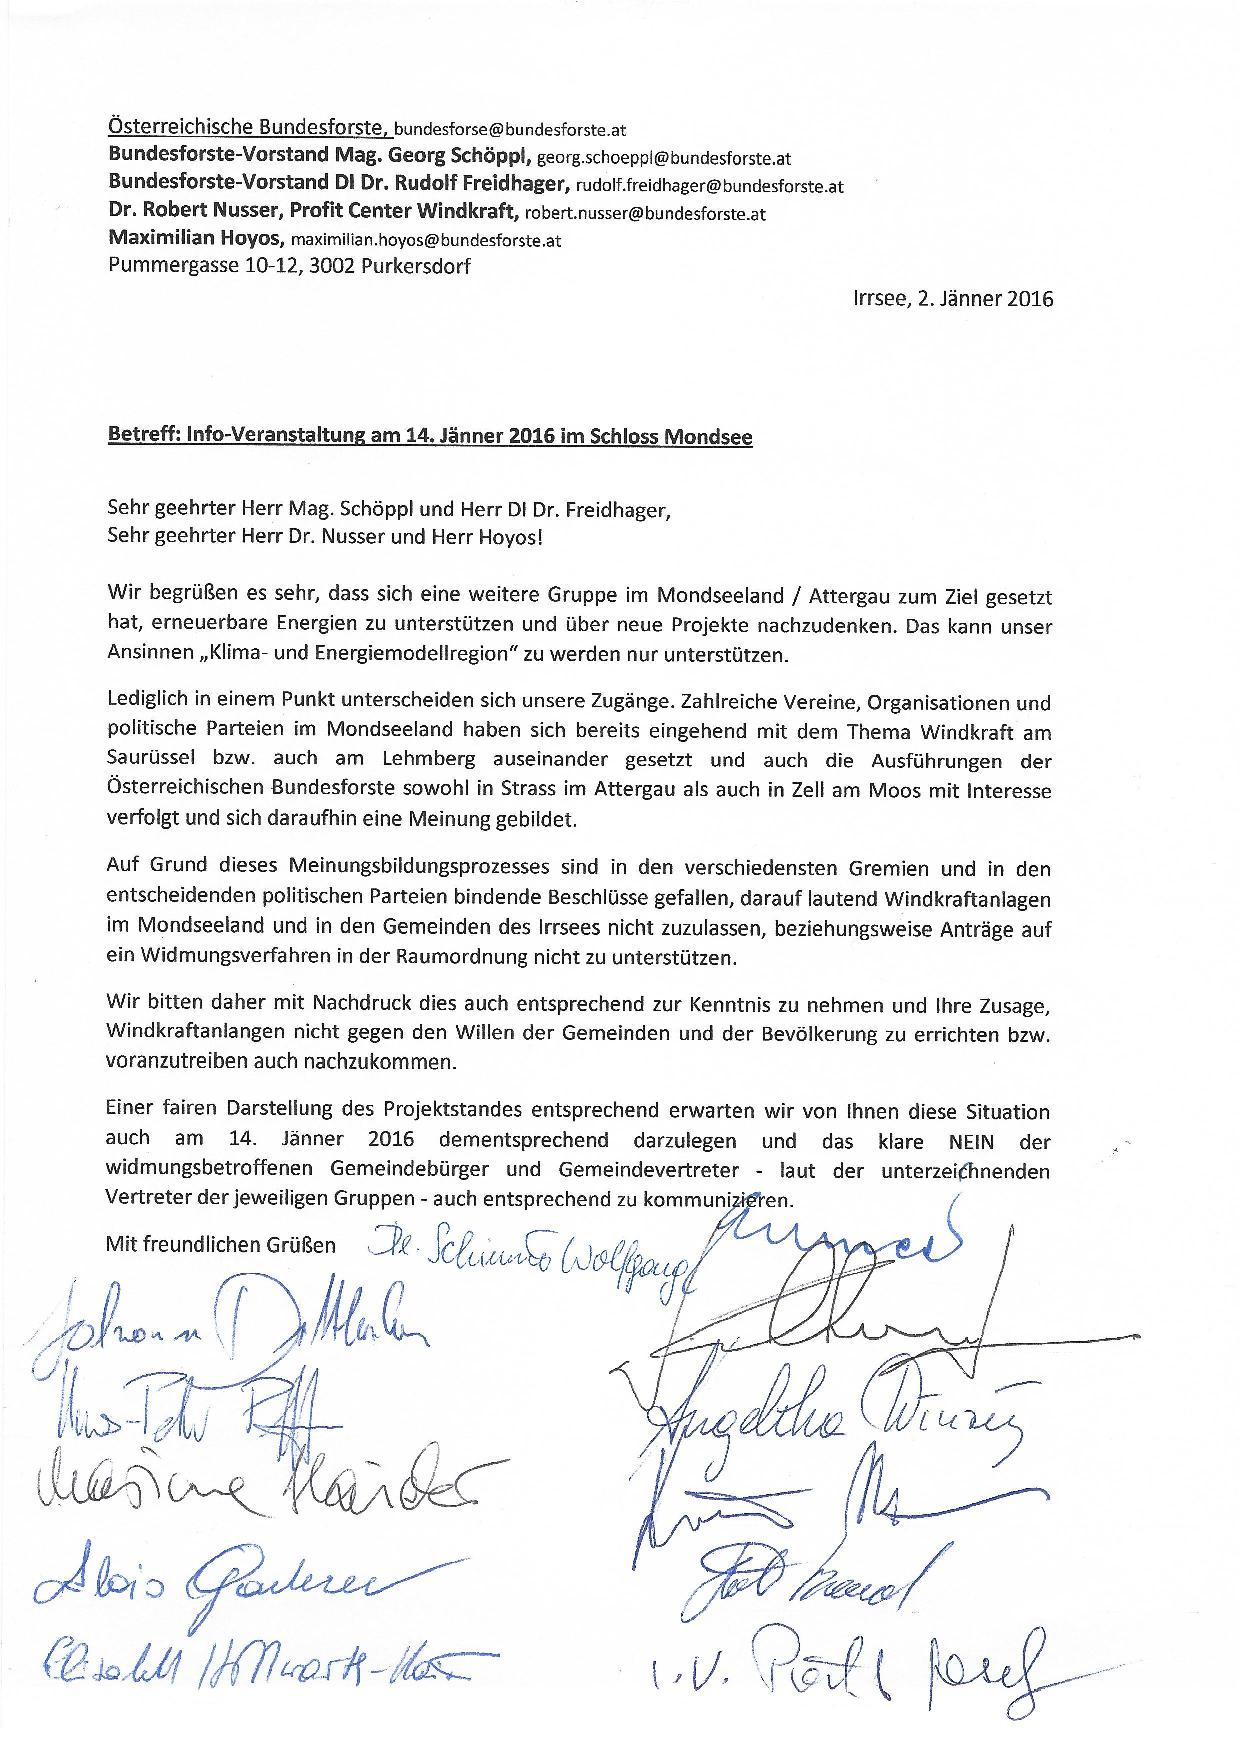 Schreiben an Bundesforste für 14Jänner Original-page-001 (1)